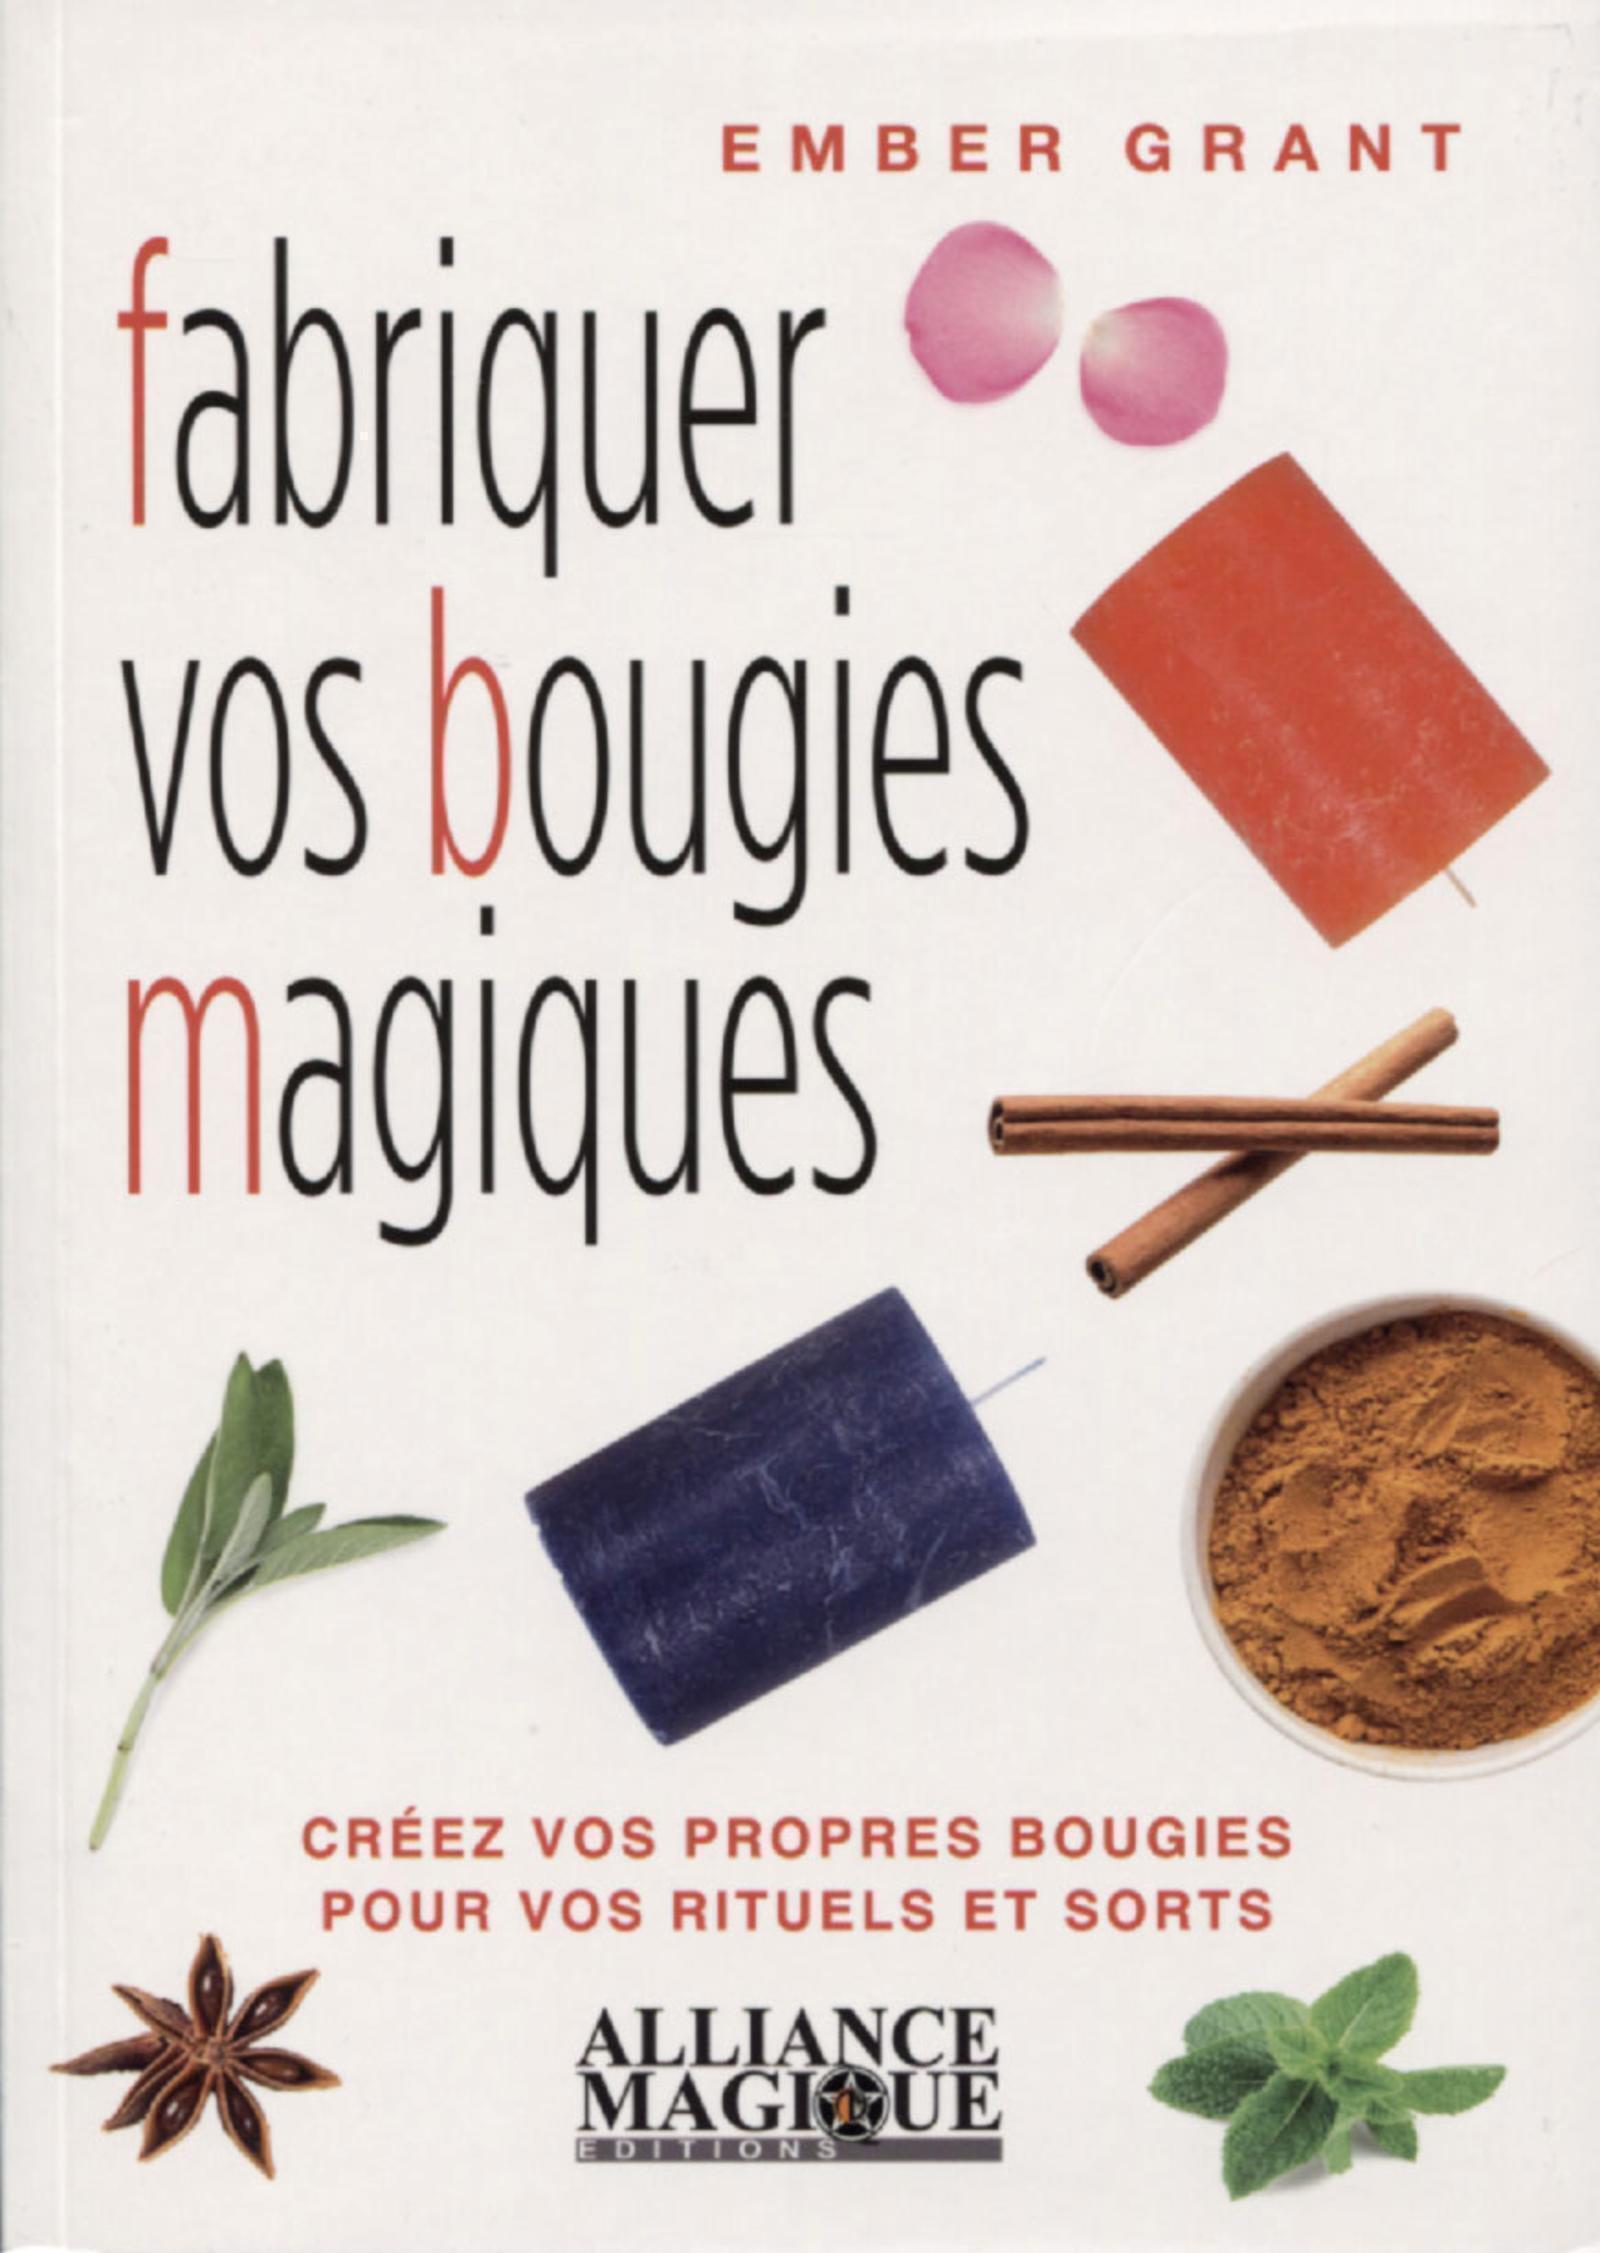 FABRIQUER VOS BOUGIES MAGIQUES - CREEZ VOS PROPRES BOUGIES POUR VOS RITUELS ET SORTS